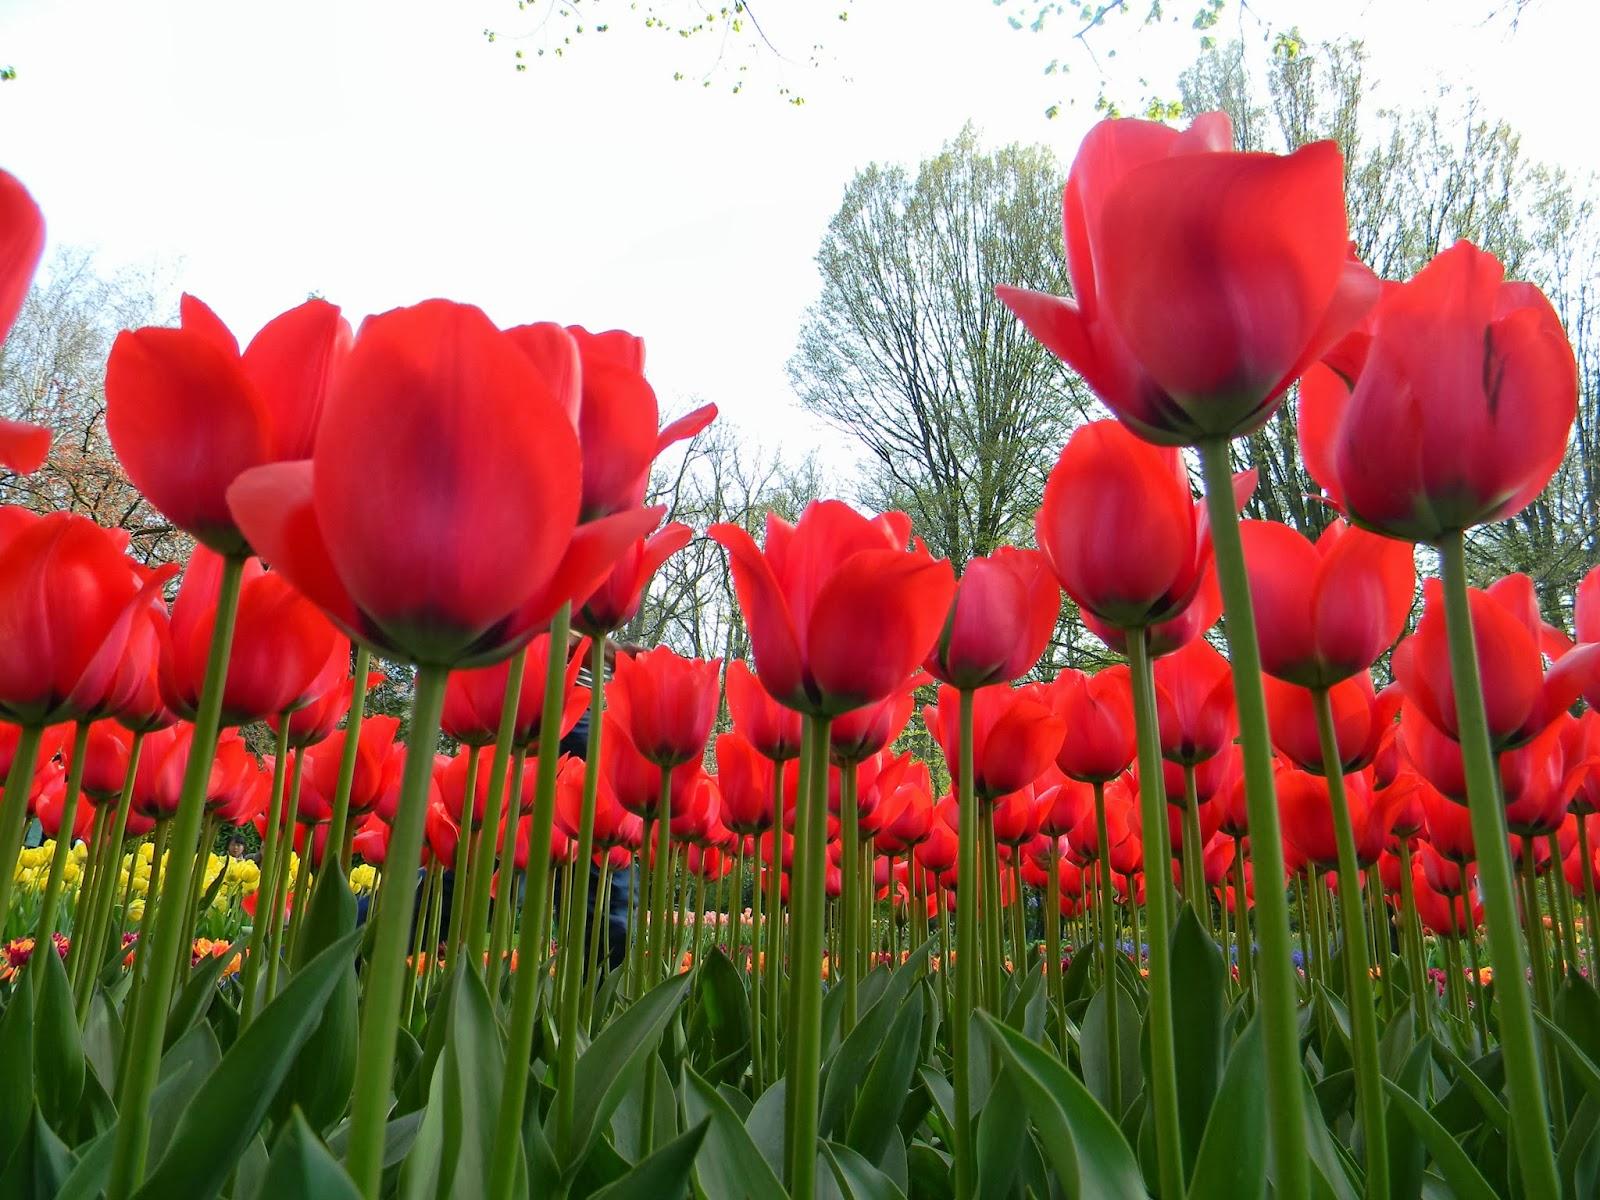 Gambar Bunga Mawar Terindah Di Dunia Bliblinewscom